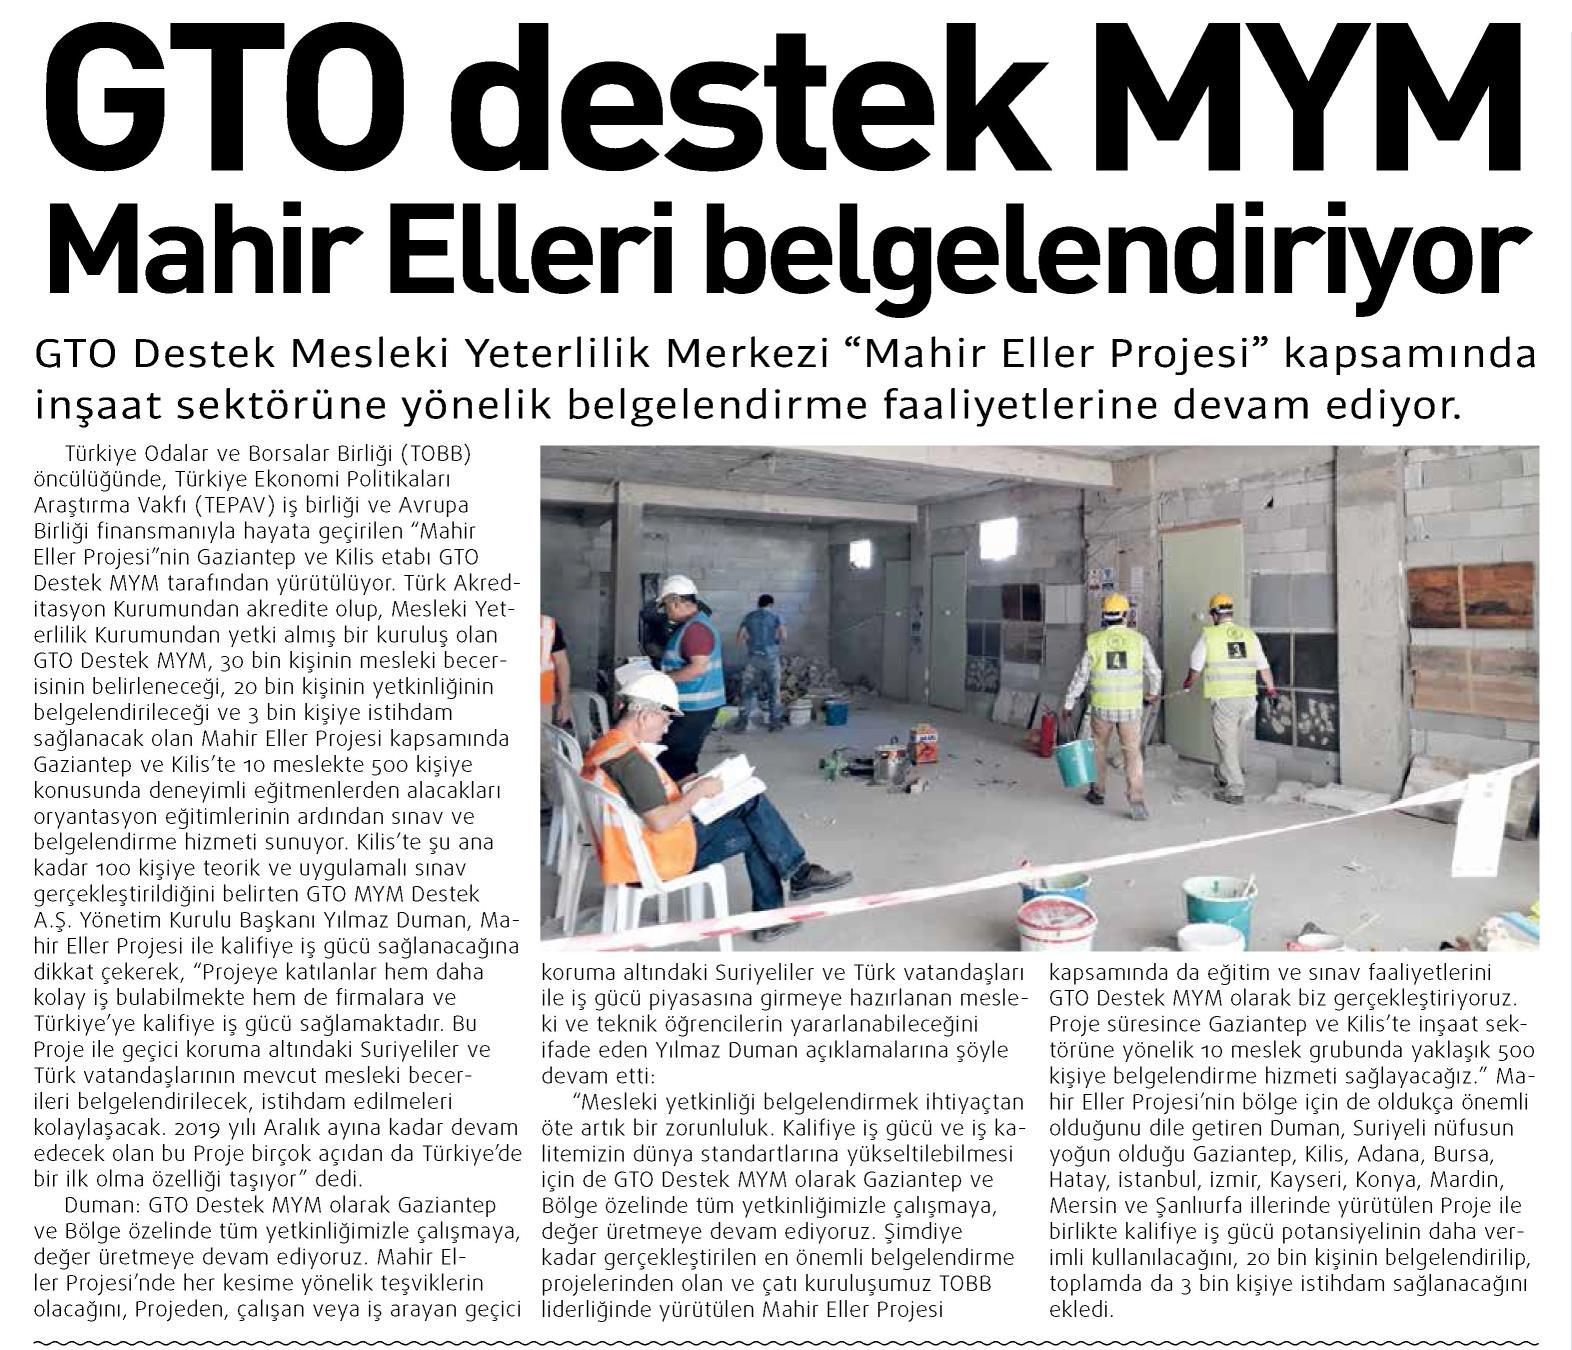 GTO Destek MYM Mahir Elleri Belgelendiriyor Gaziantep GAP